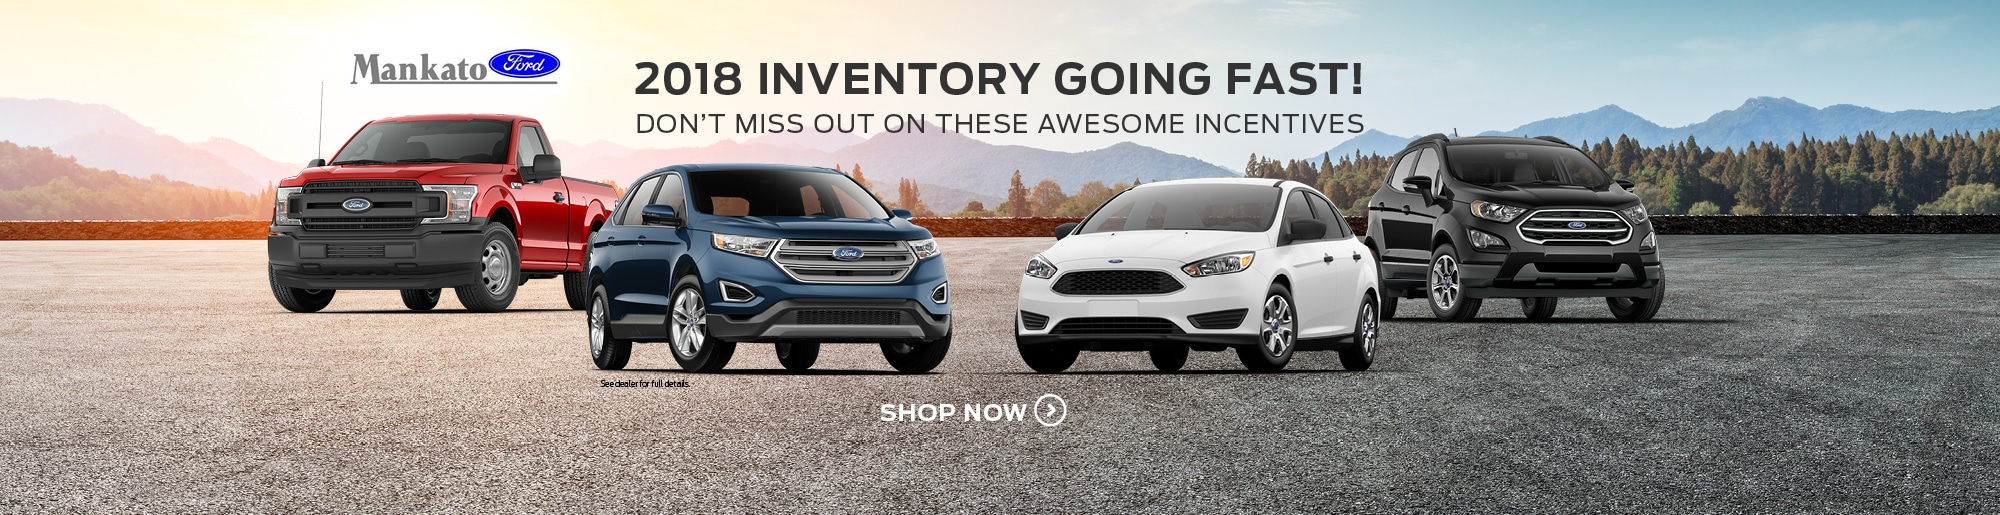 Mankato Car Dealers >> Mankato Ford Ford Dealership In Mankato Mn